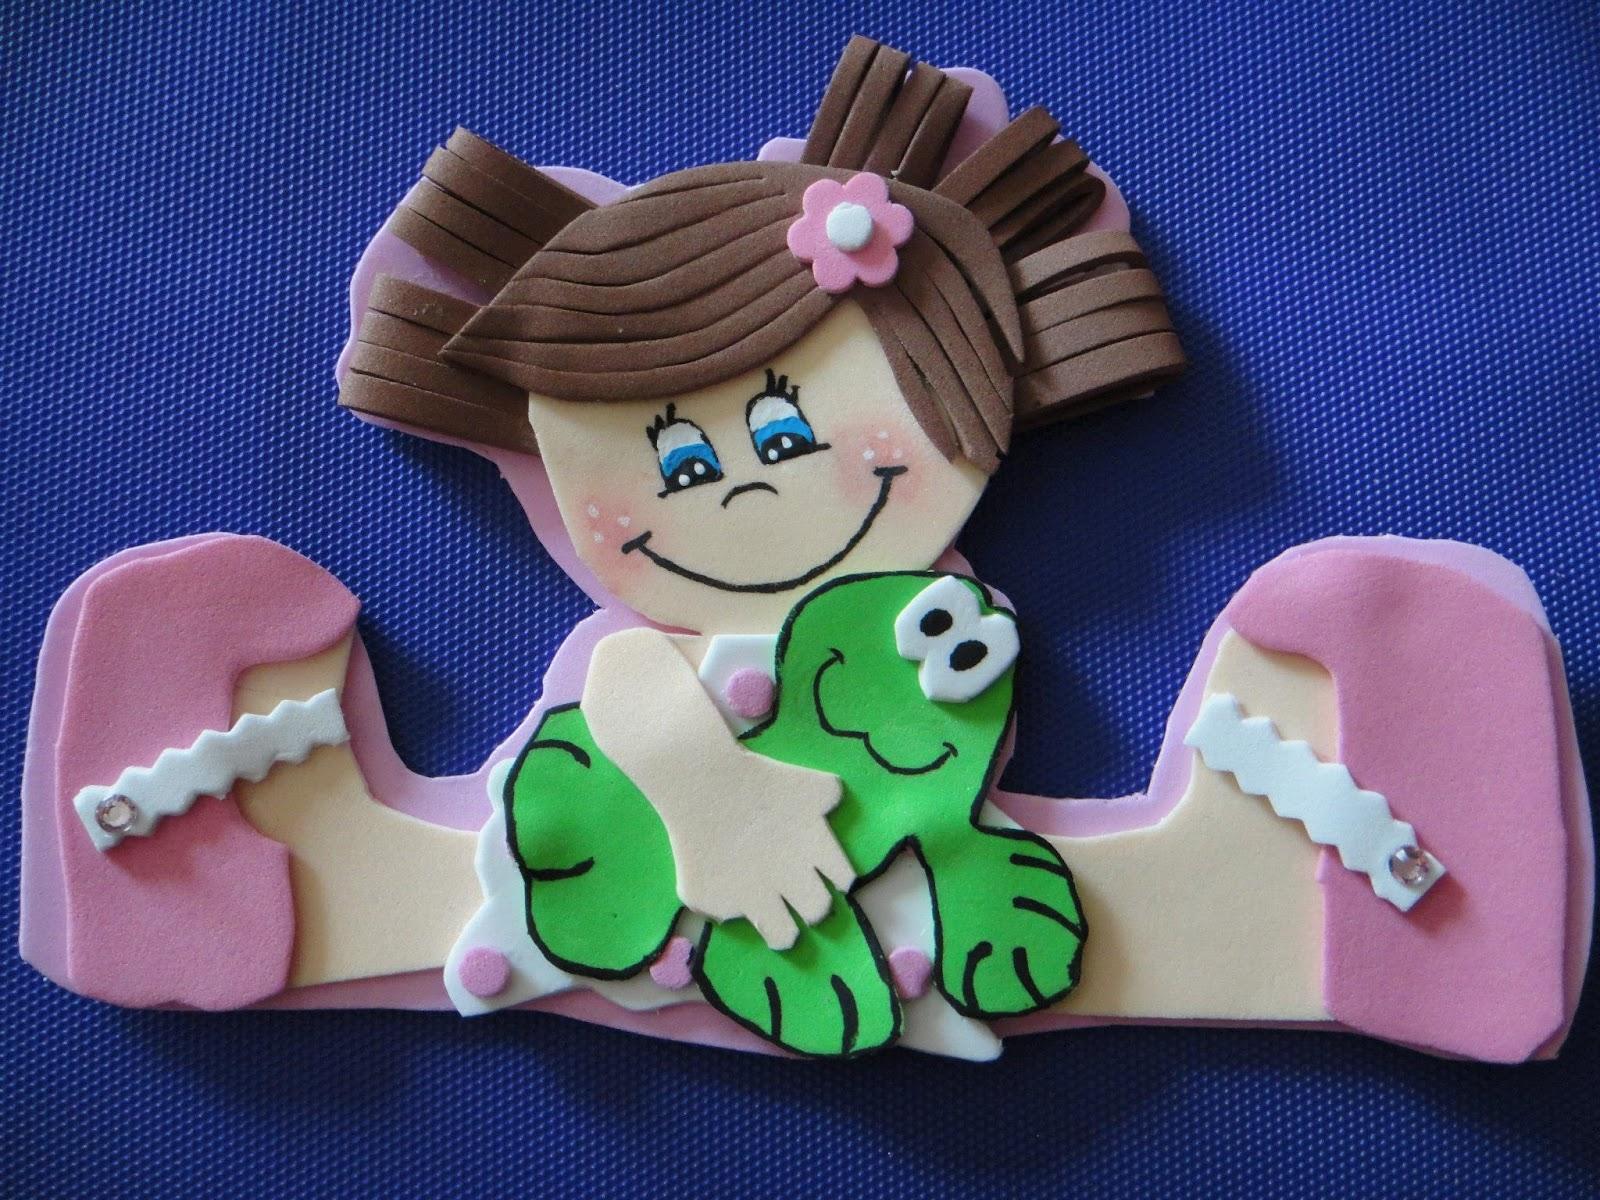 Cómo hacer muñecas de goma eva planas - Imagui